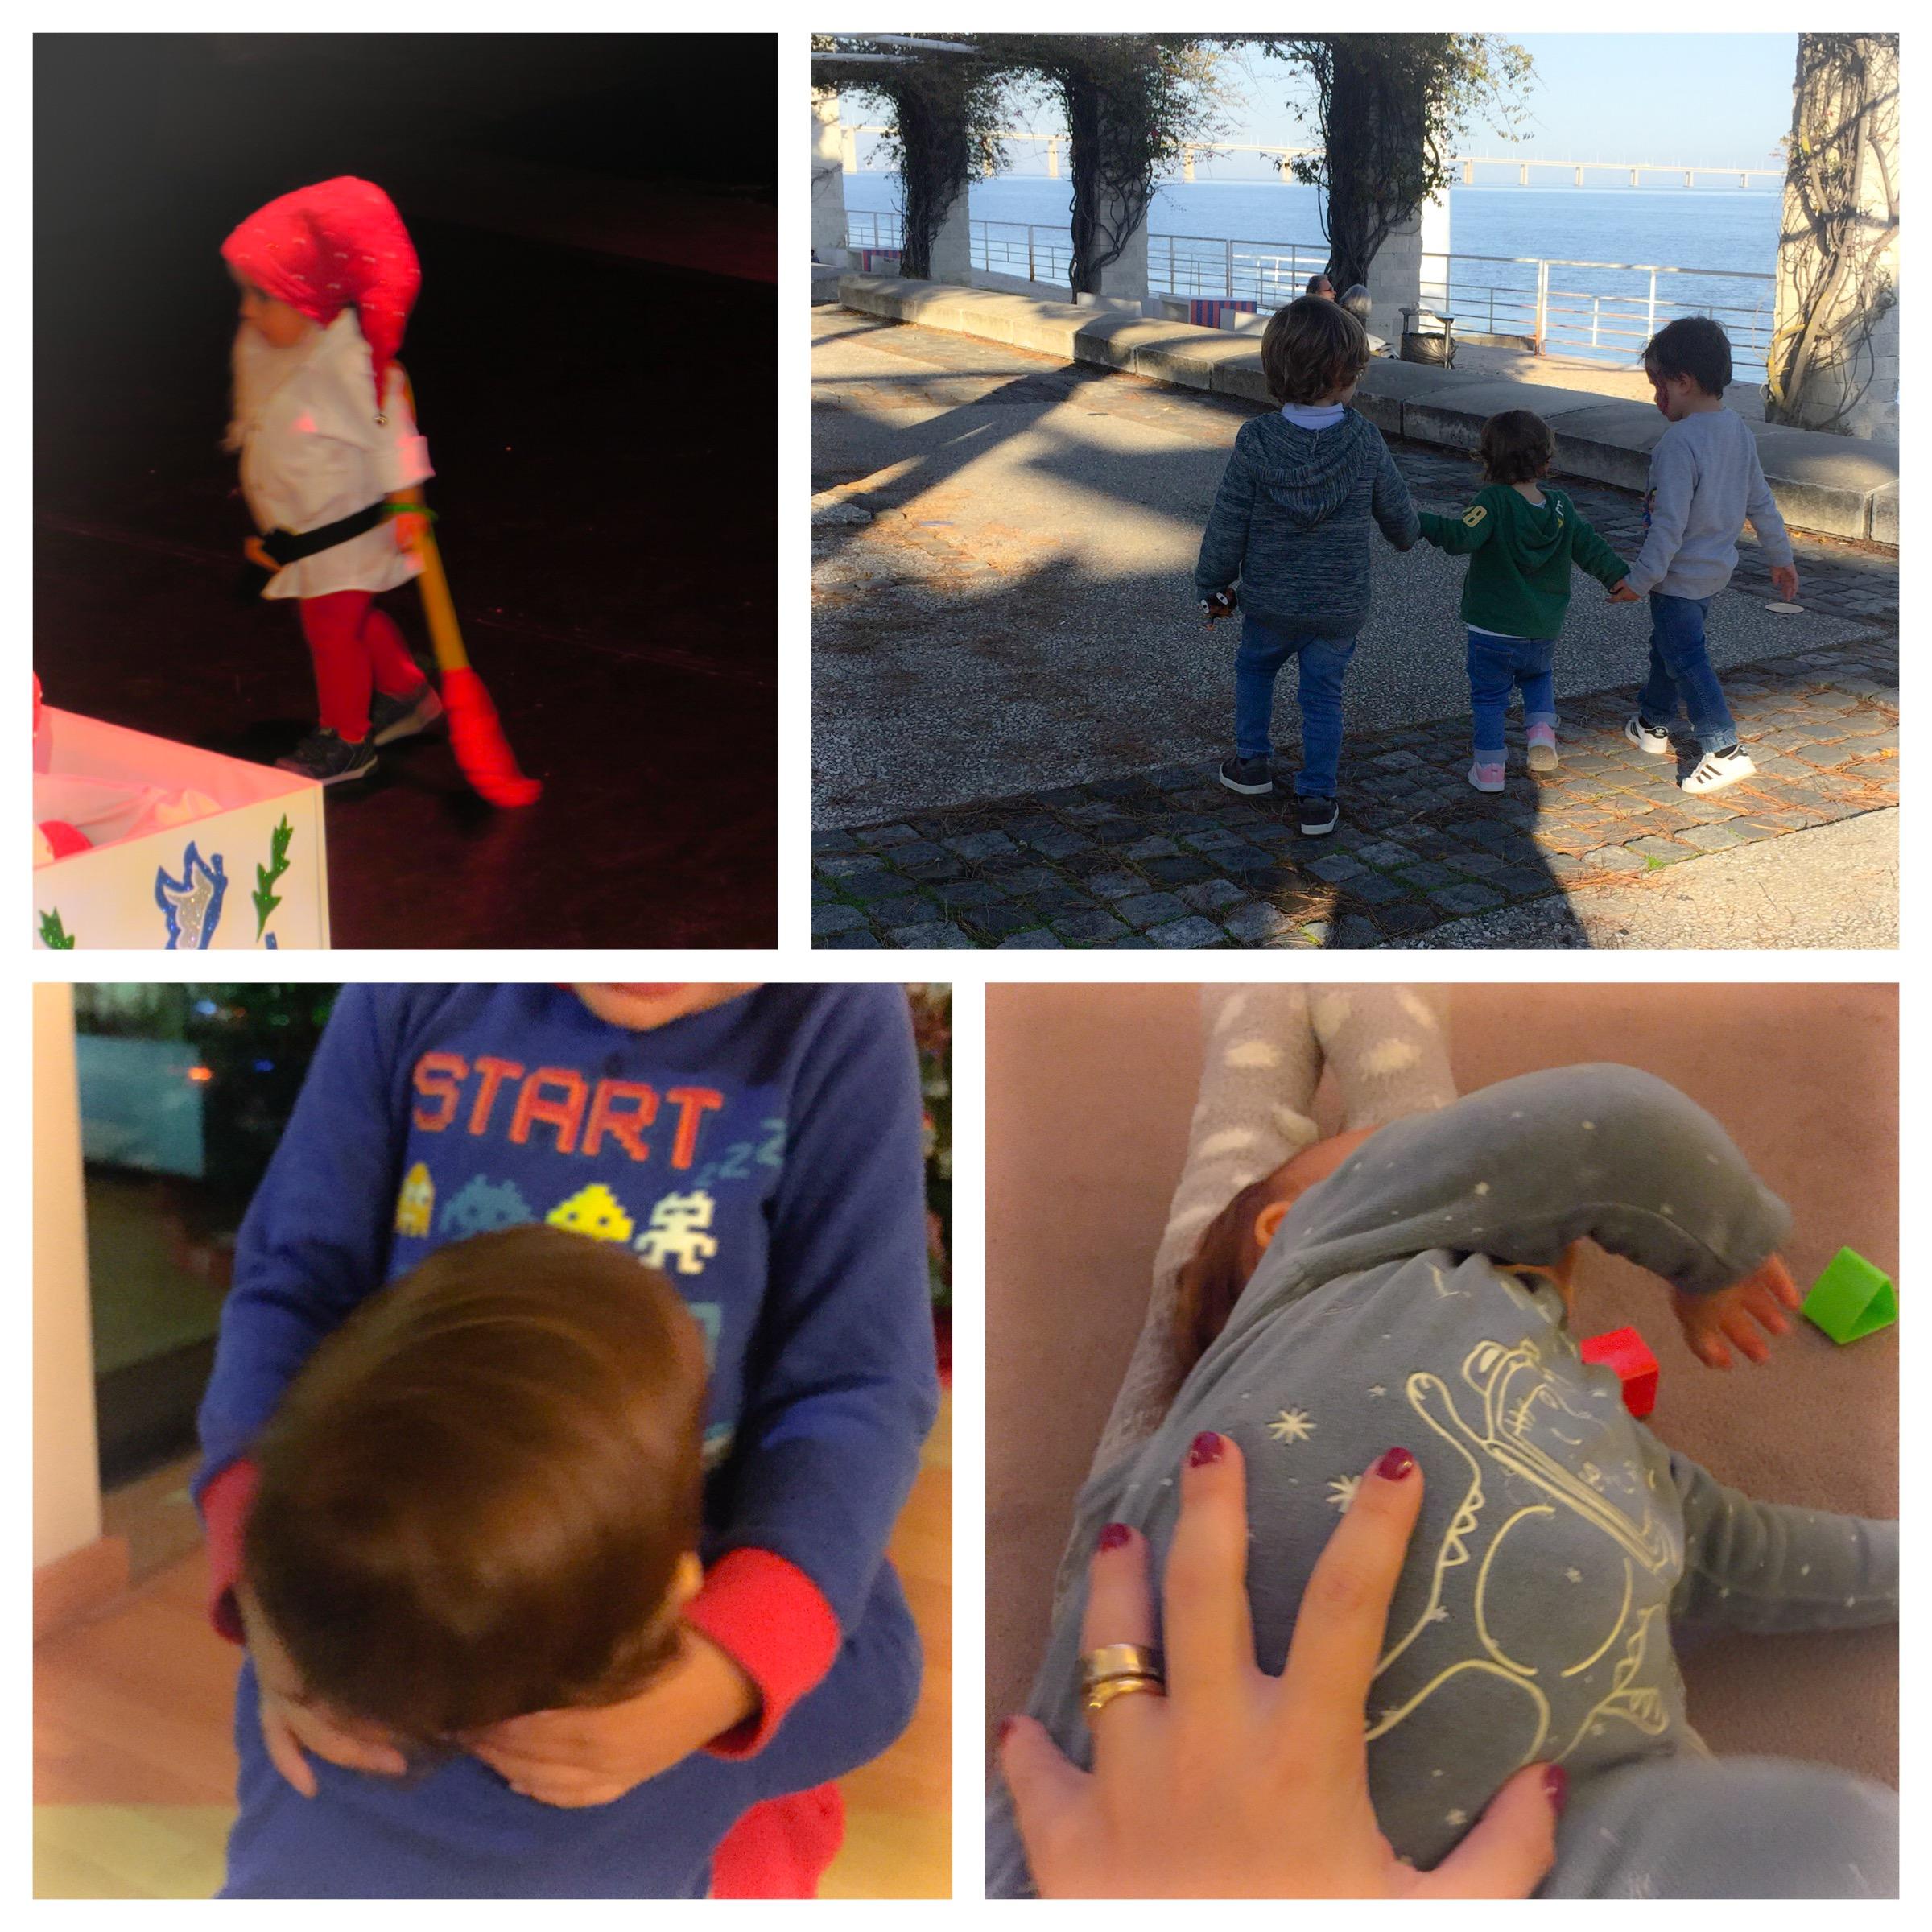 Um-fim-de-semana-de abracos-e-sol-e-passeio-blog-o-nosso-t2